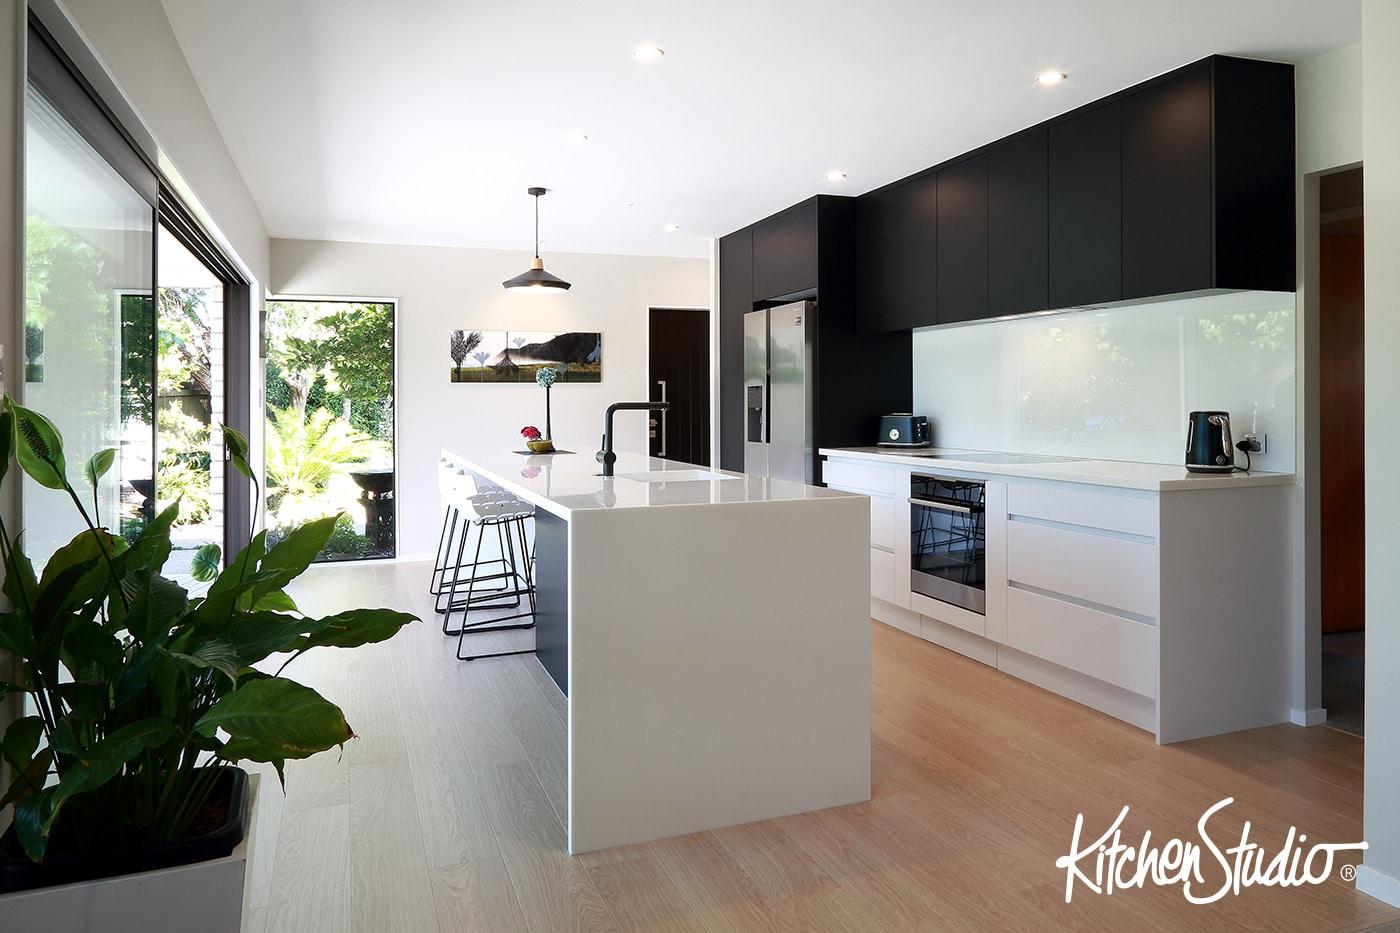 Kitchen Design Gallery • Be Inspired by Kitchen Studio